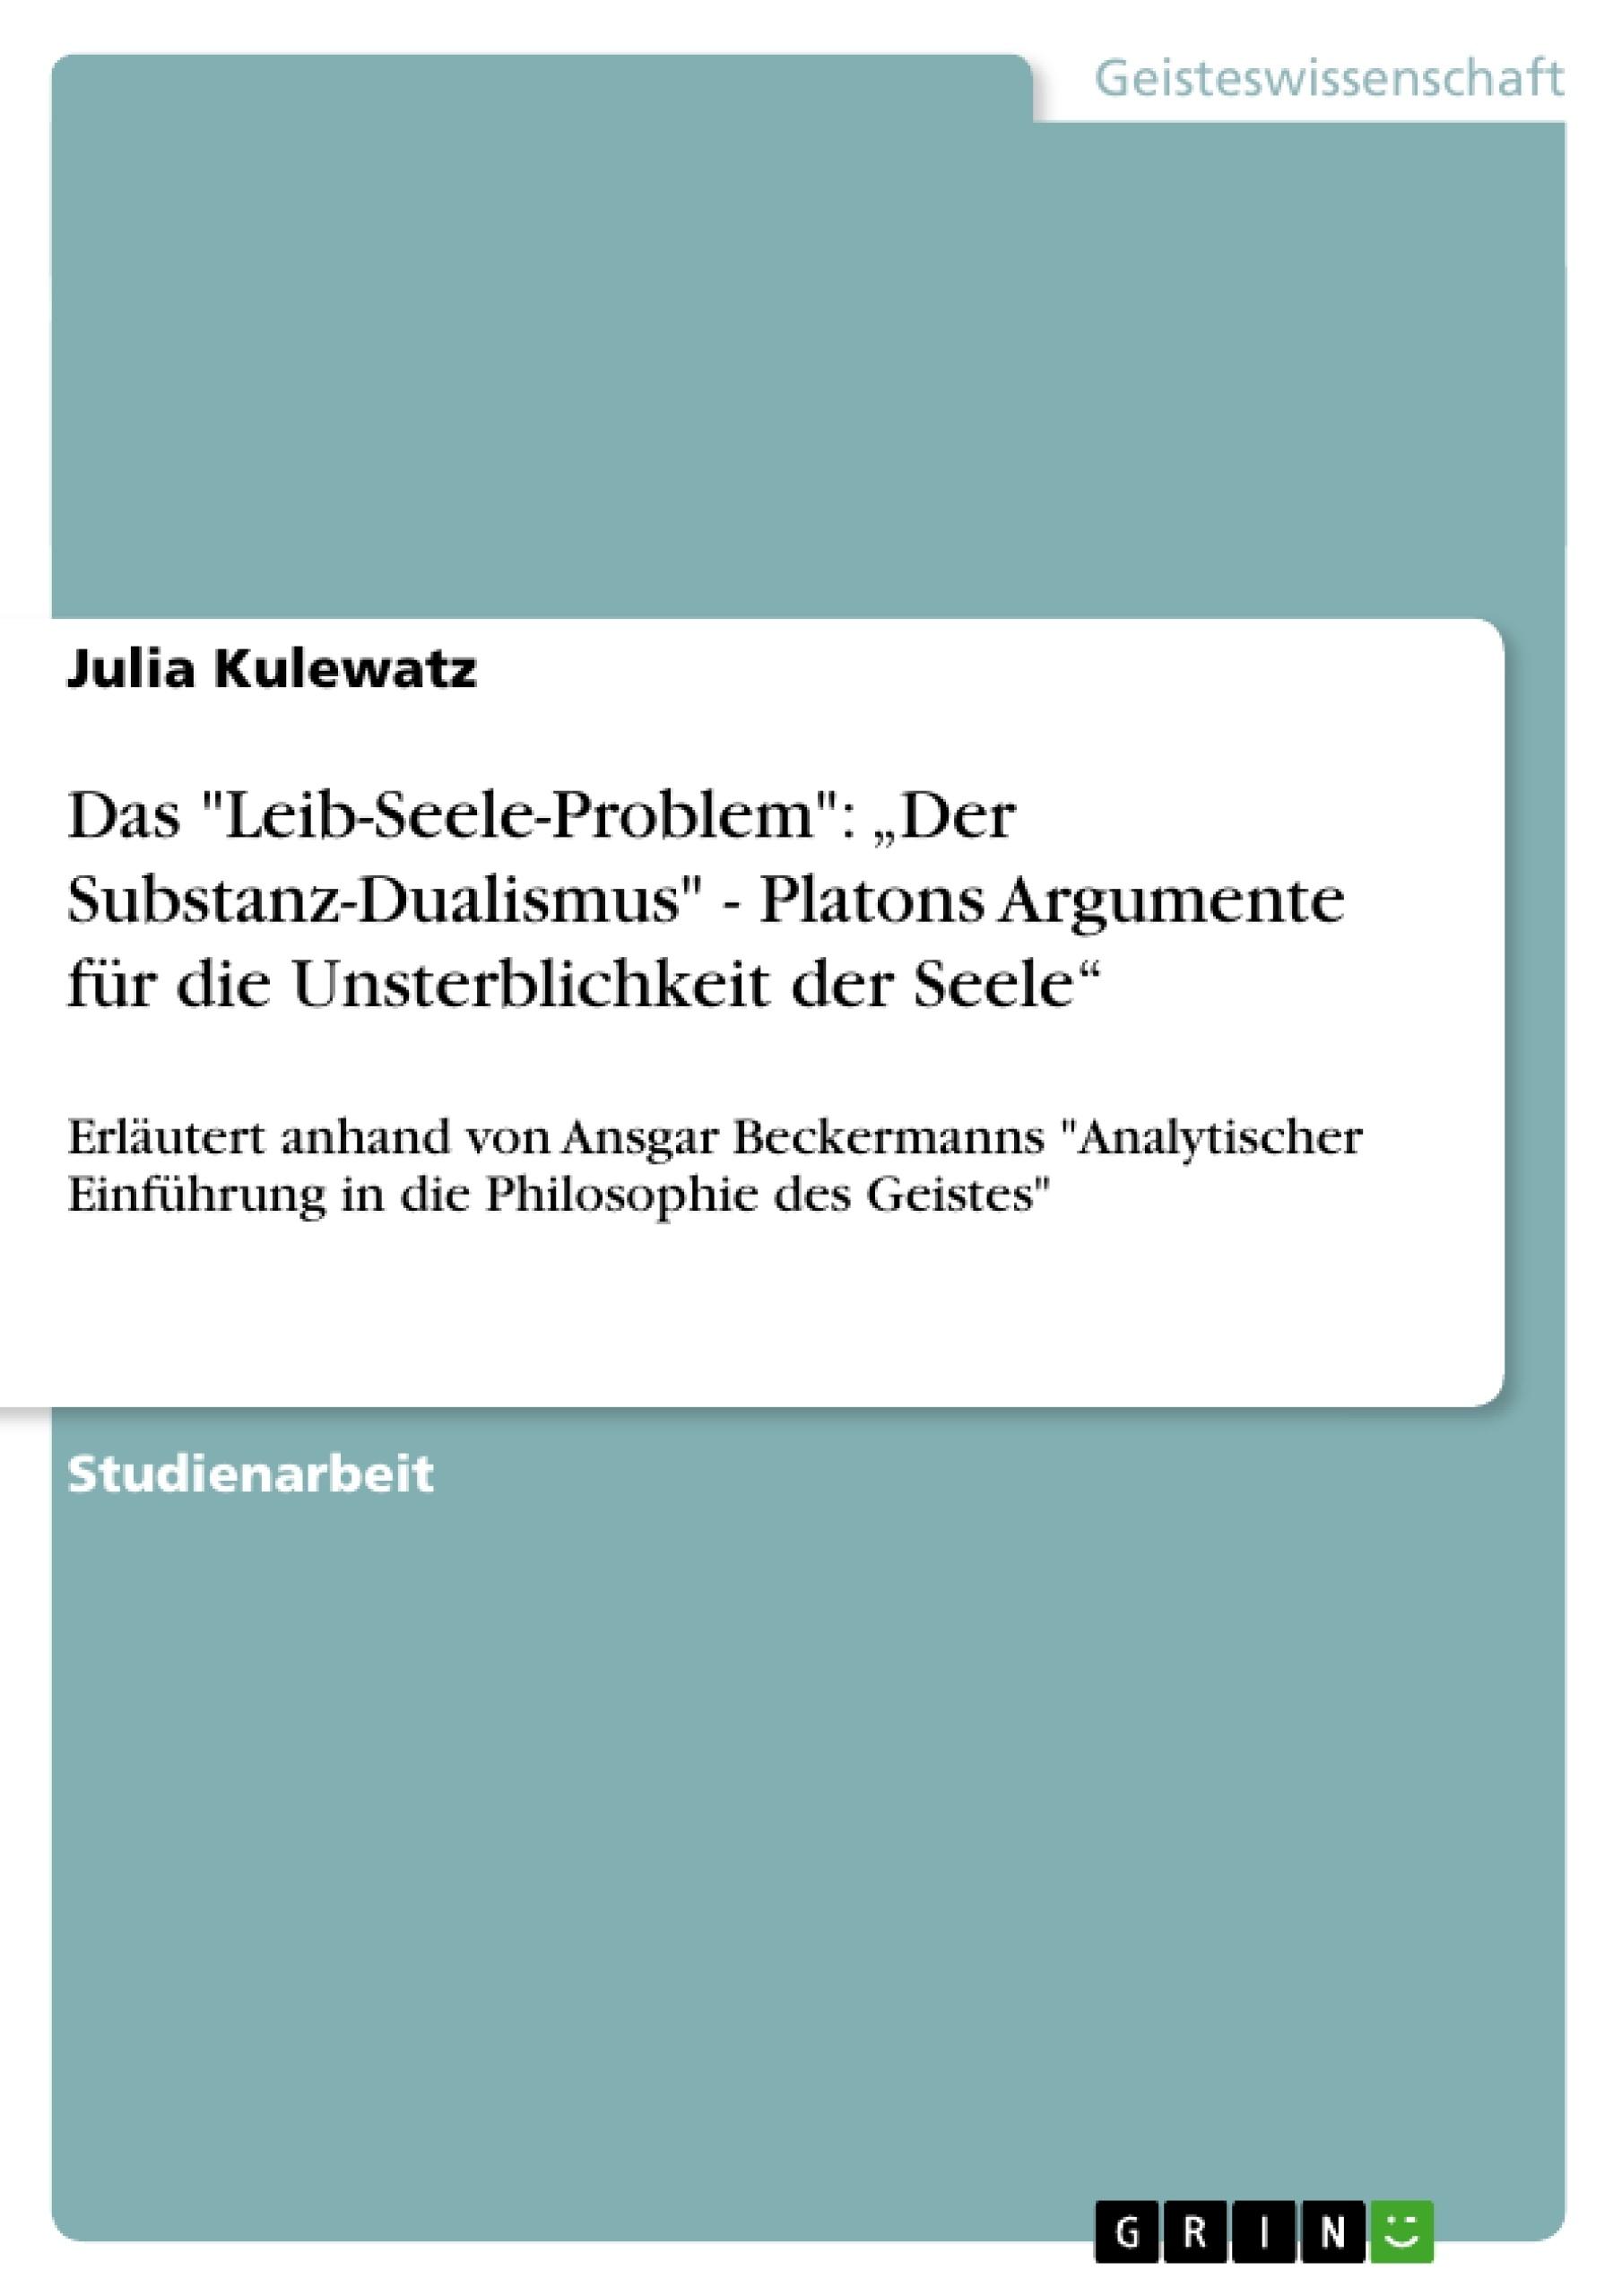 """Titel: Das """"Leib-Seele-Problem"""": """"Der Substanz-Dualismus"""" - Platons Argumente für die Unsterblichkeit der Seele"""""""